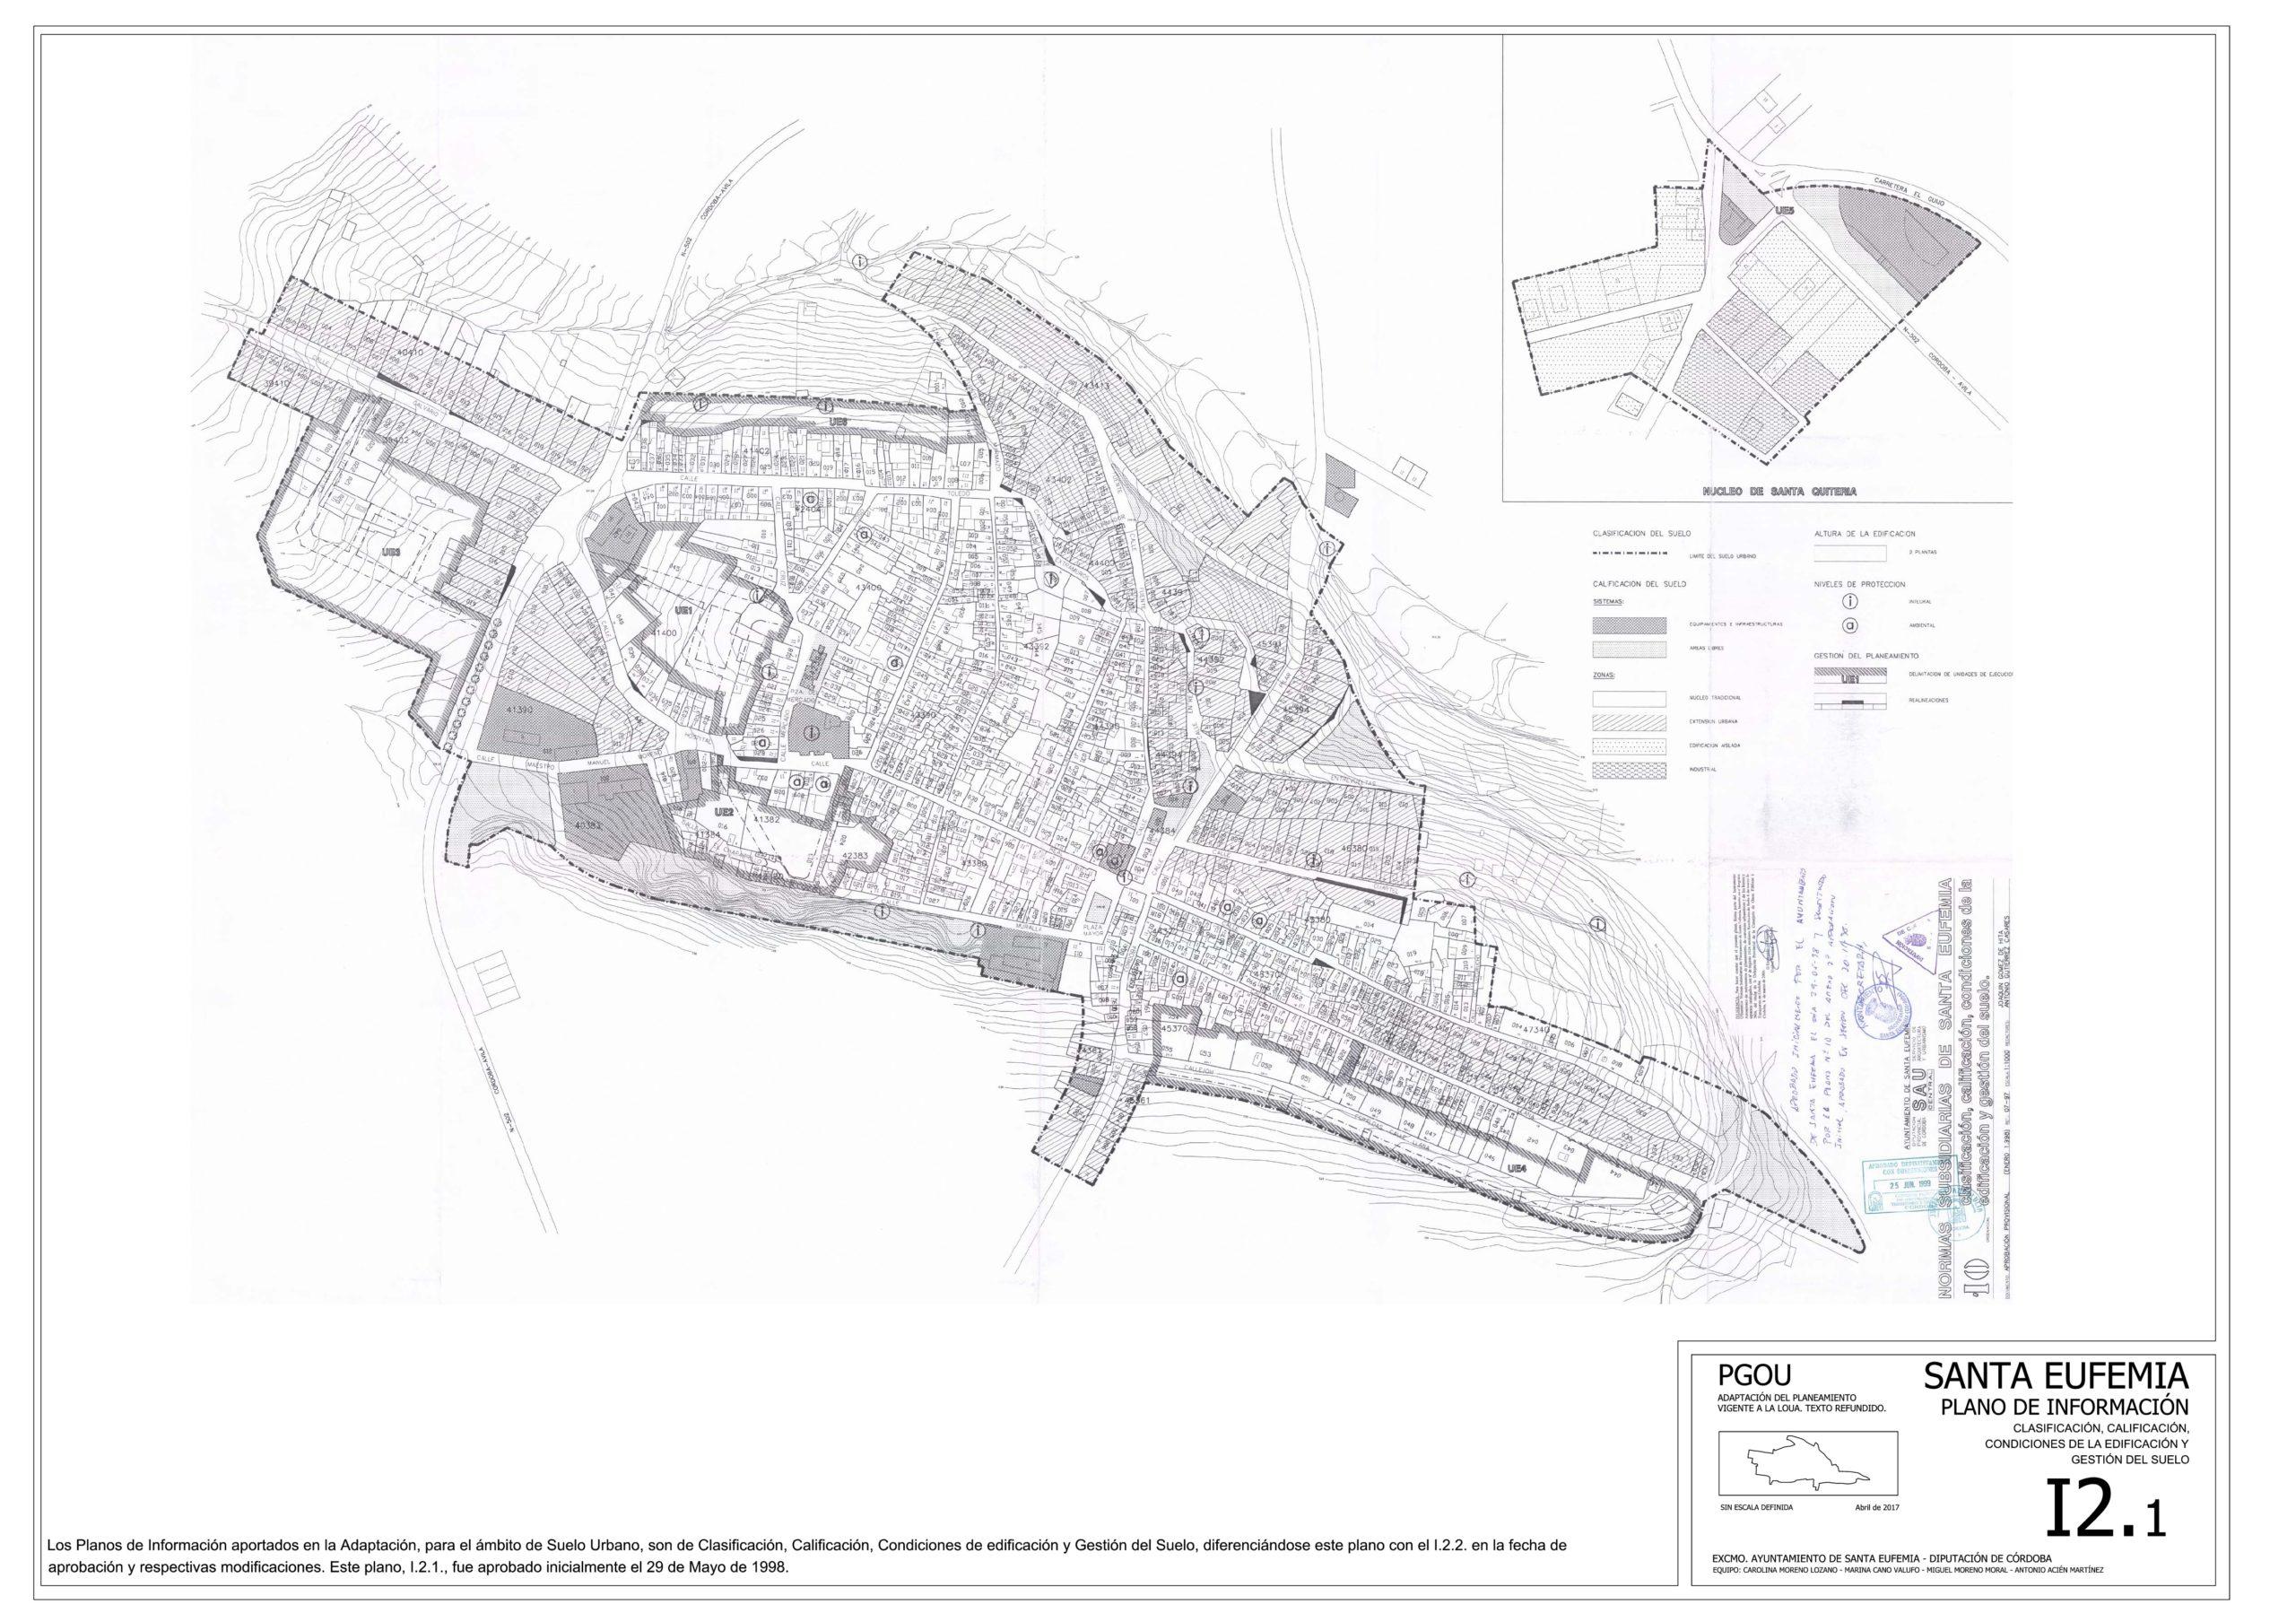 Transparencia en materias de urbanismo, obras públicas y medio ambiente 17